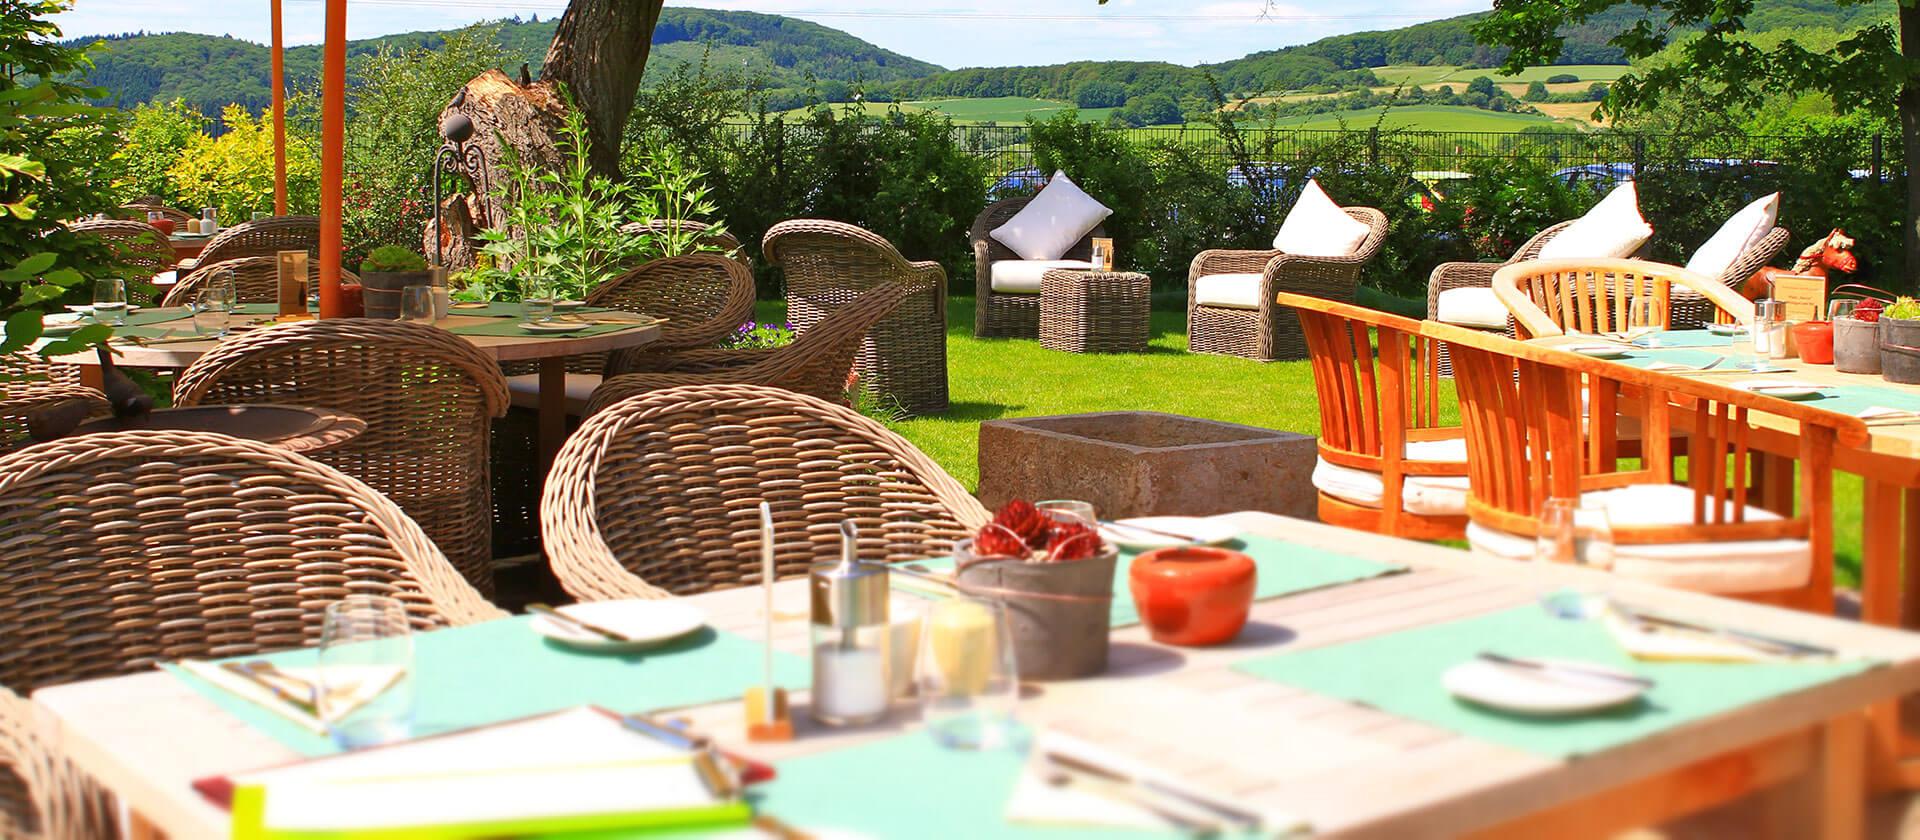 Restaurant Waldschlosschen Das Landhaus Restaurant In Dagobertshausen